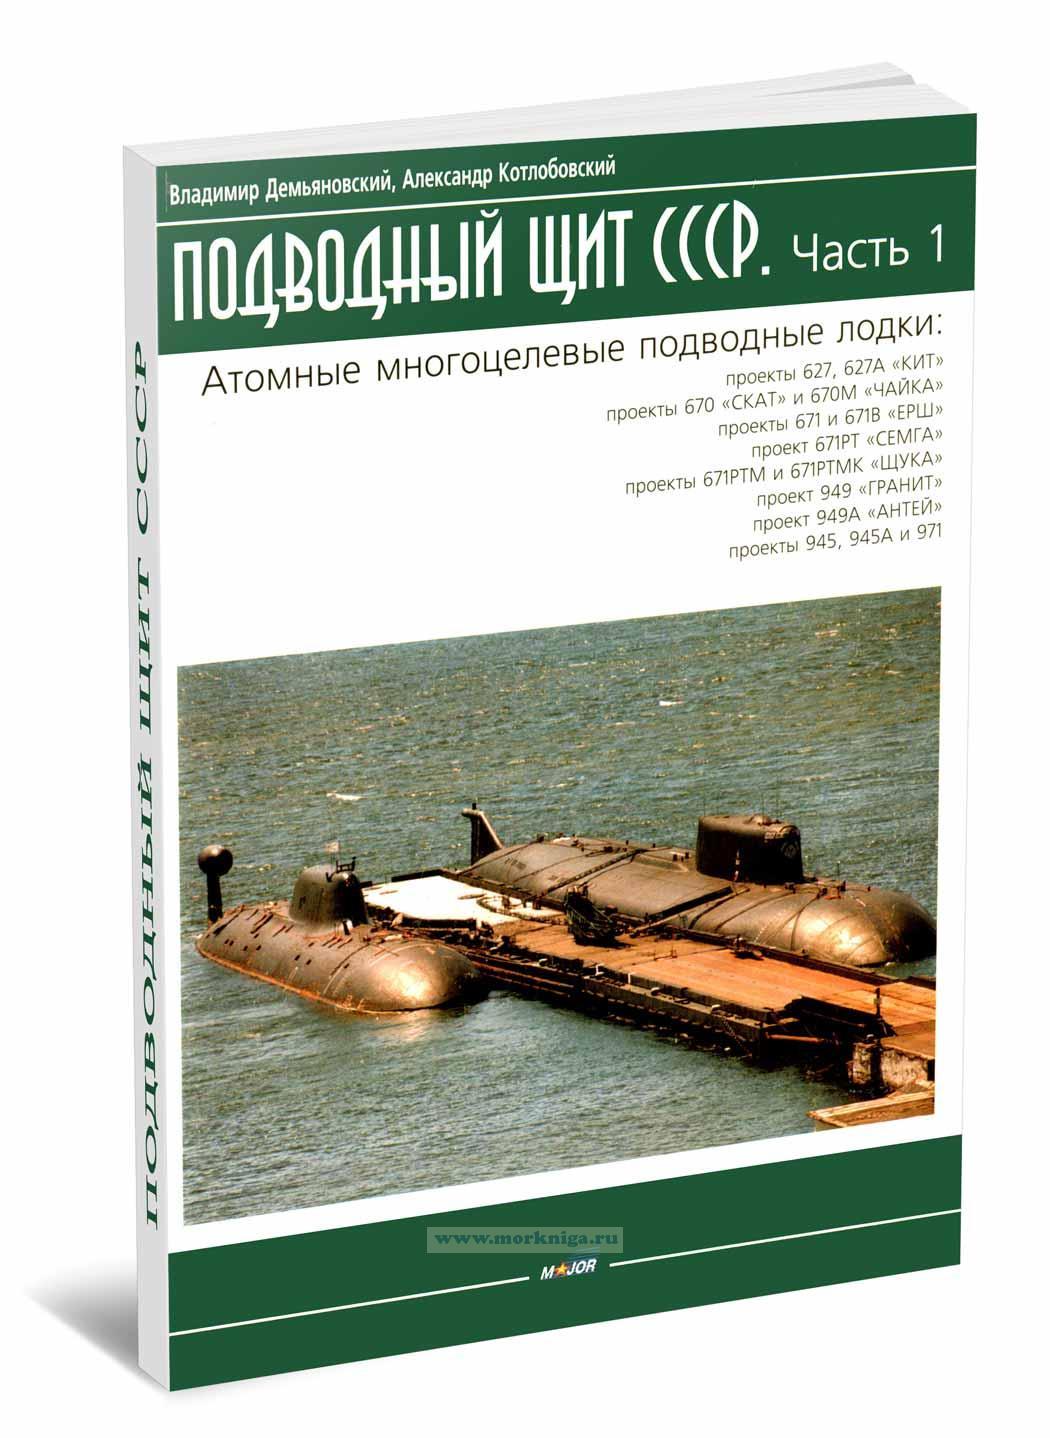 Подводный щит СССР. Часть 1